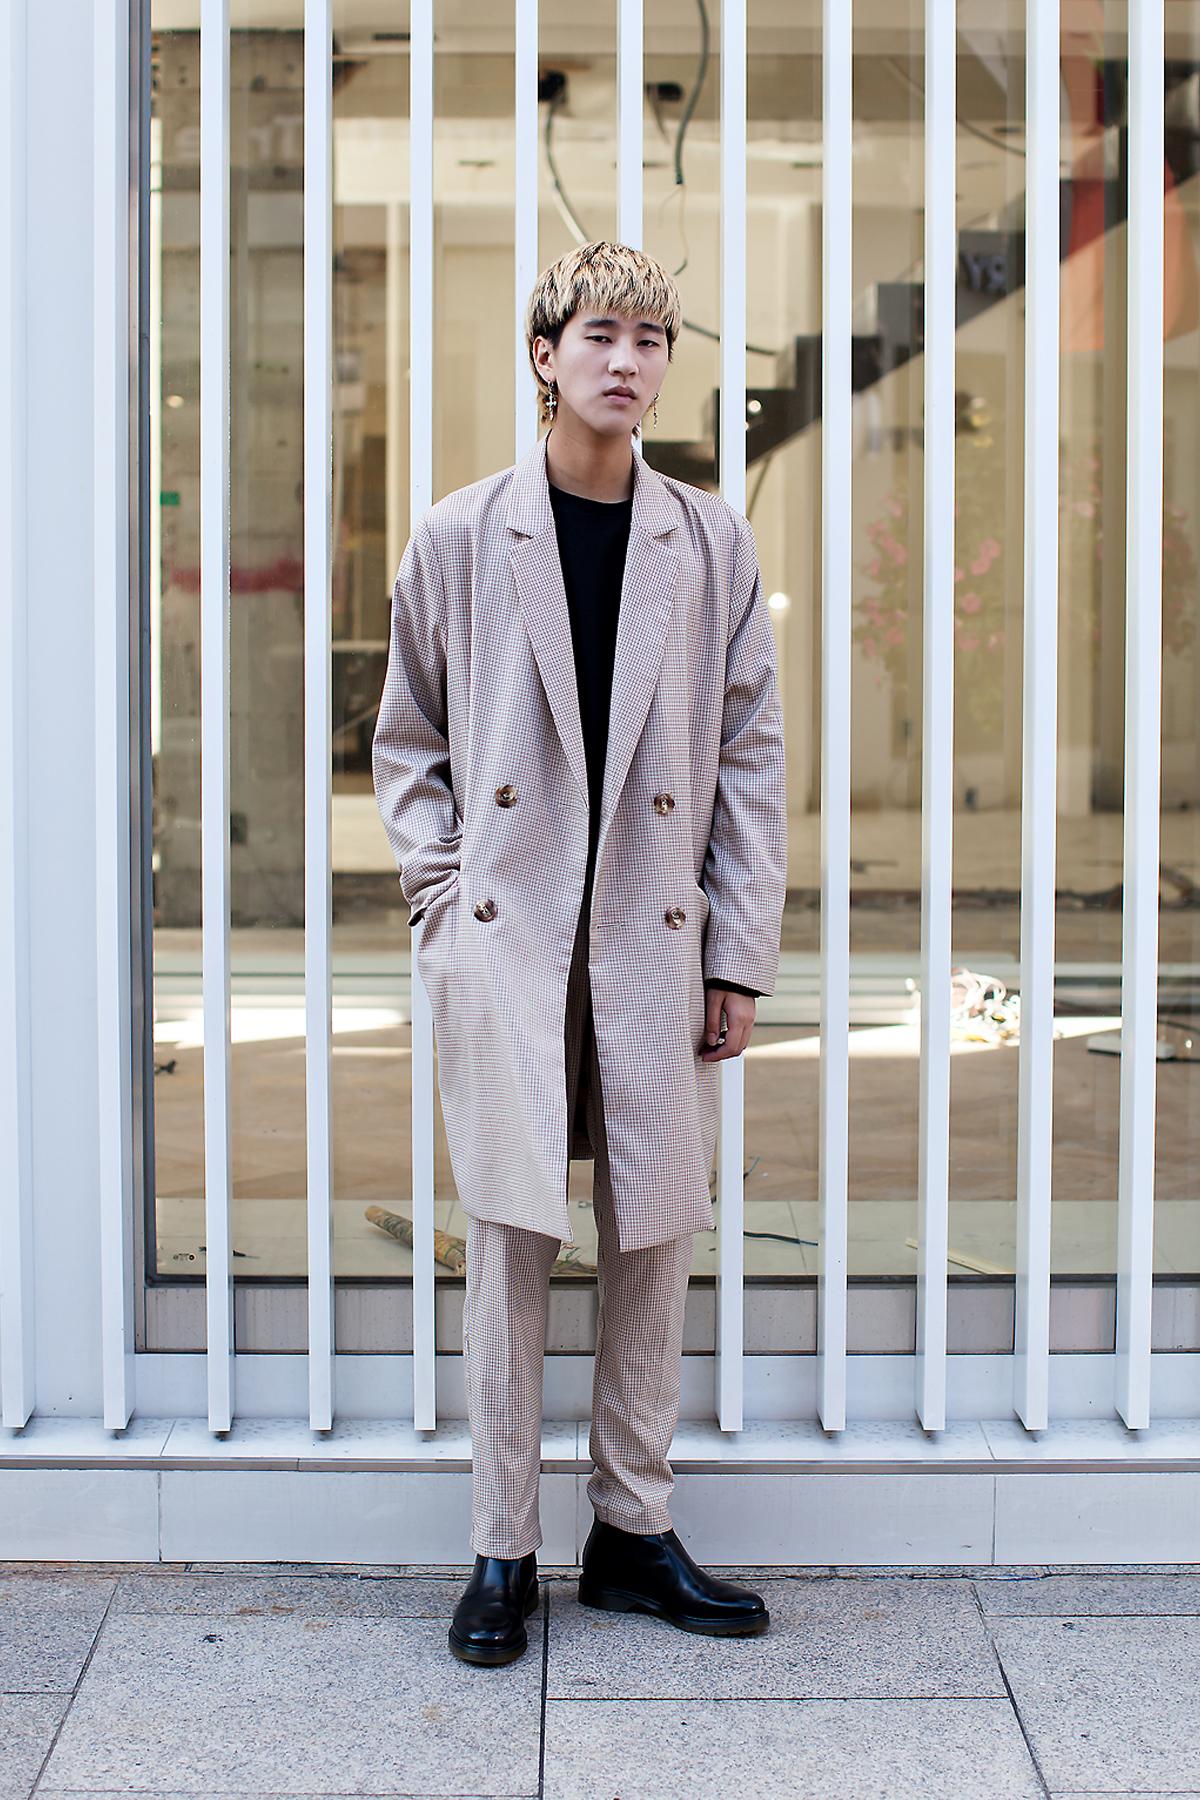 Lee Chunghyub, Street Fashion 2017 in Seoul.jpg